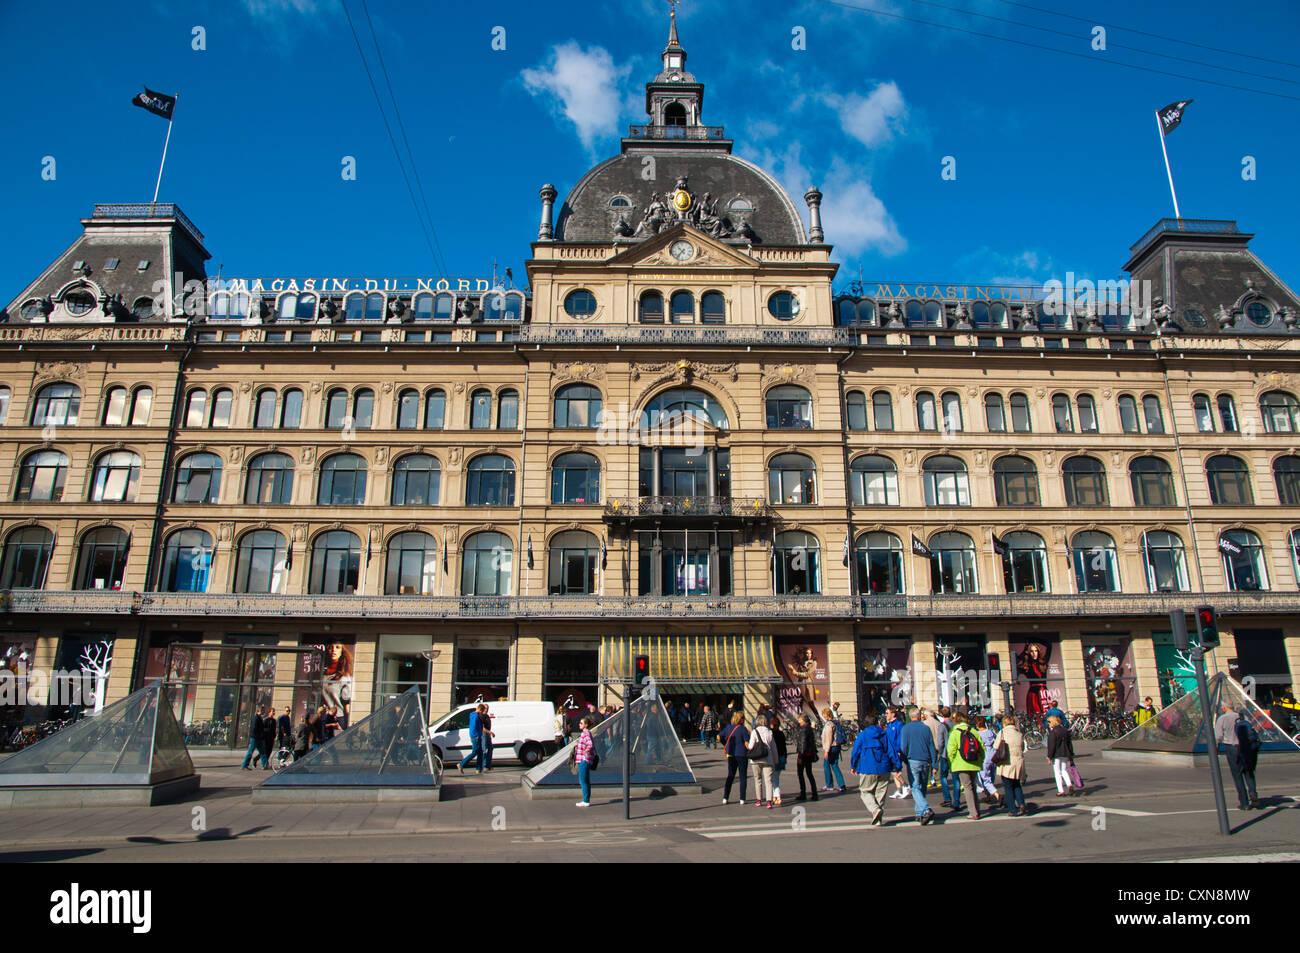 Magasin du Nord department store Kongens nytorv square central Copenhagen Denmark Europe - Stock Image